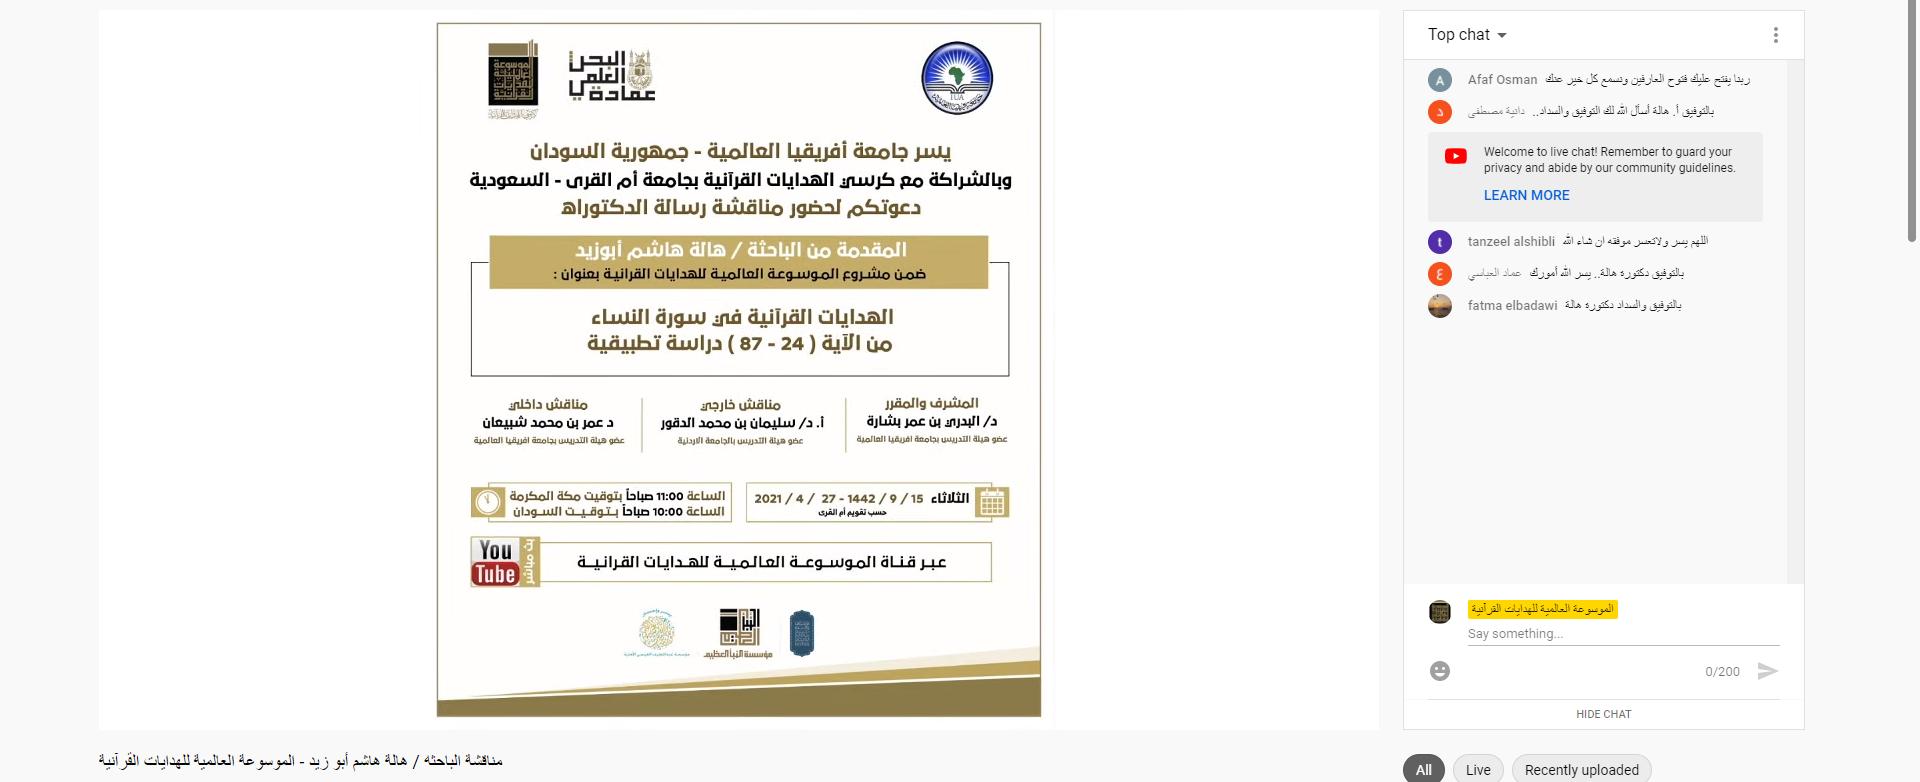 خبر إعلامي - اتمام مناقشة د. هالة هاشم أبو زيد